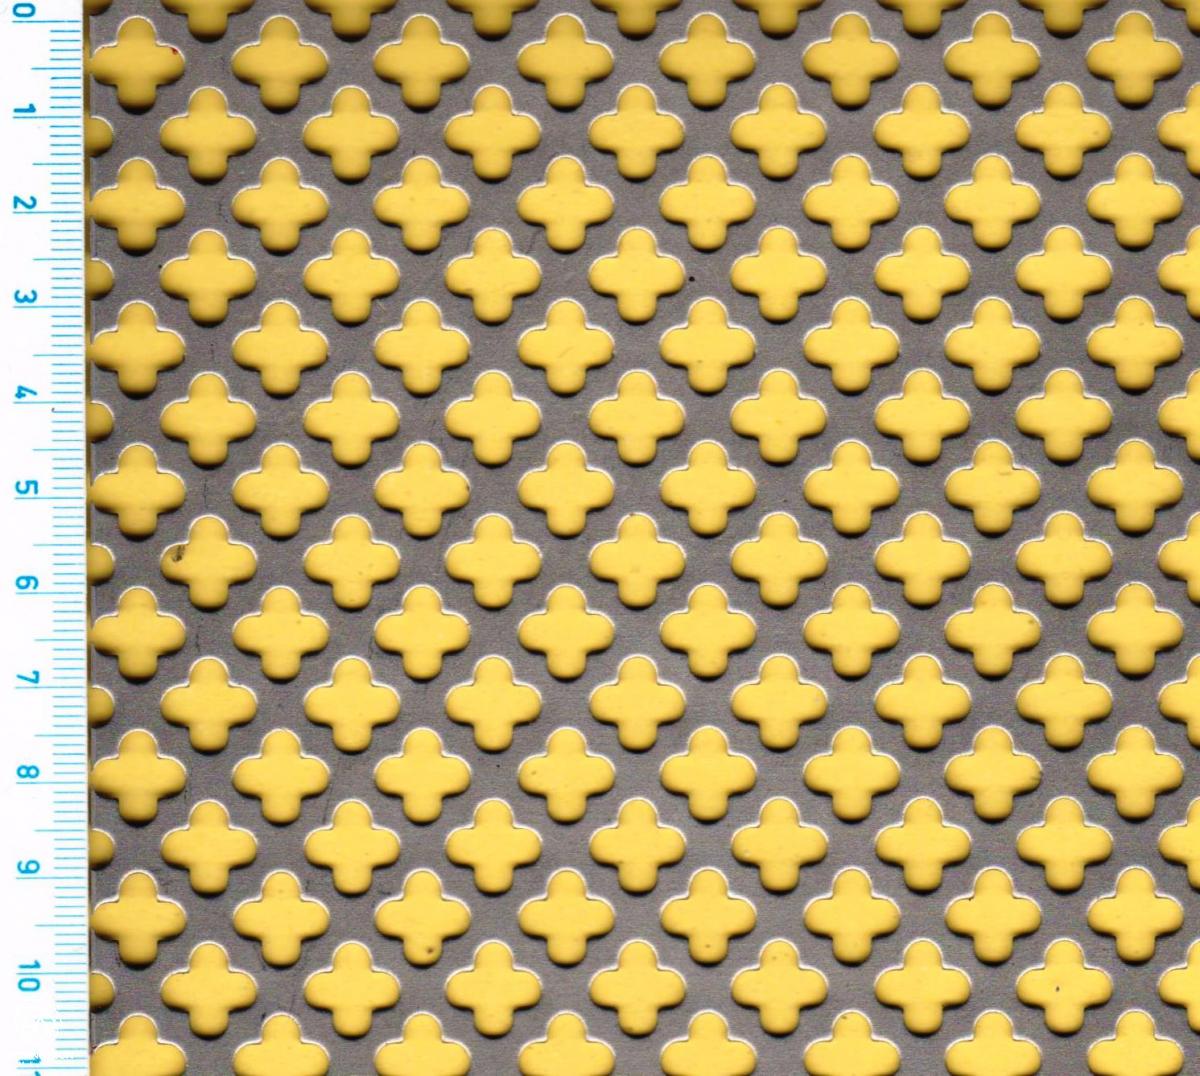 SO - ozdobné křížek,křížek přesazeně  10x10;  tloušťka 1 mm, Děrovaný ocelový plech DC01-DC05